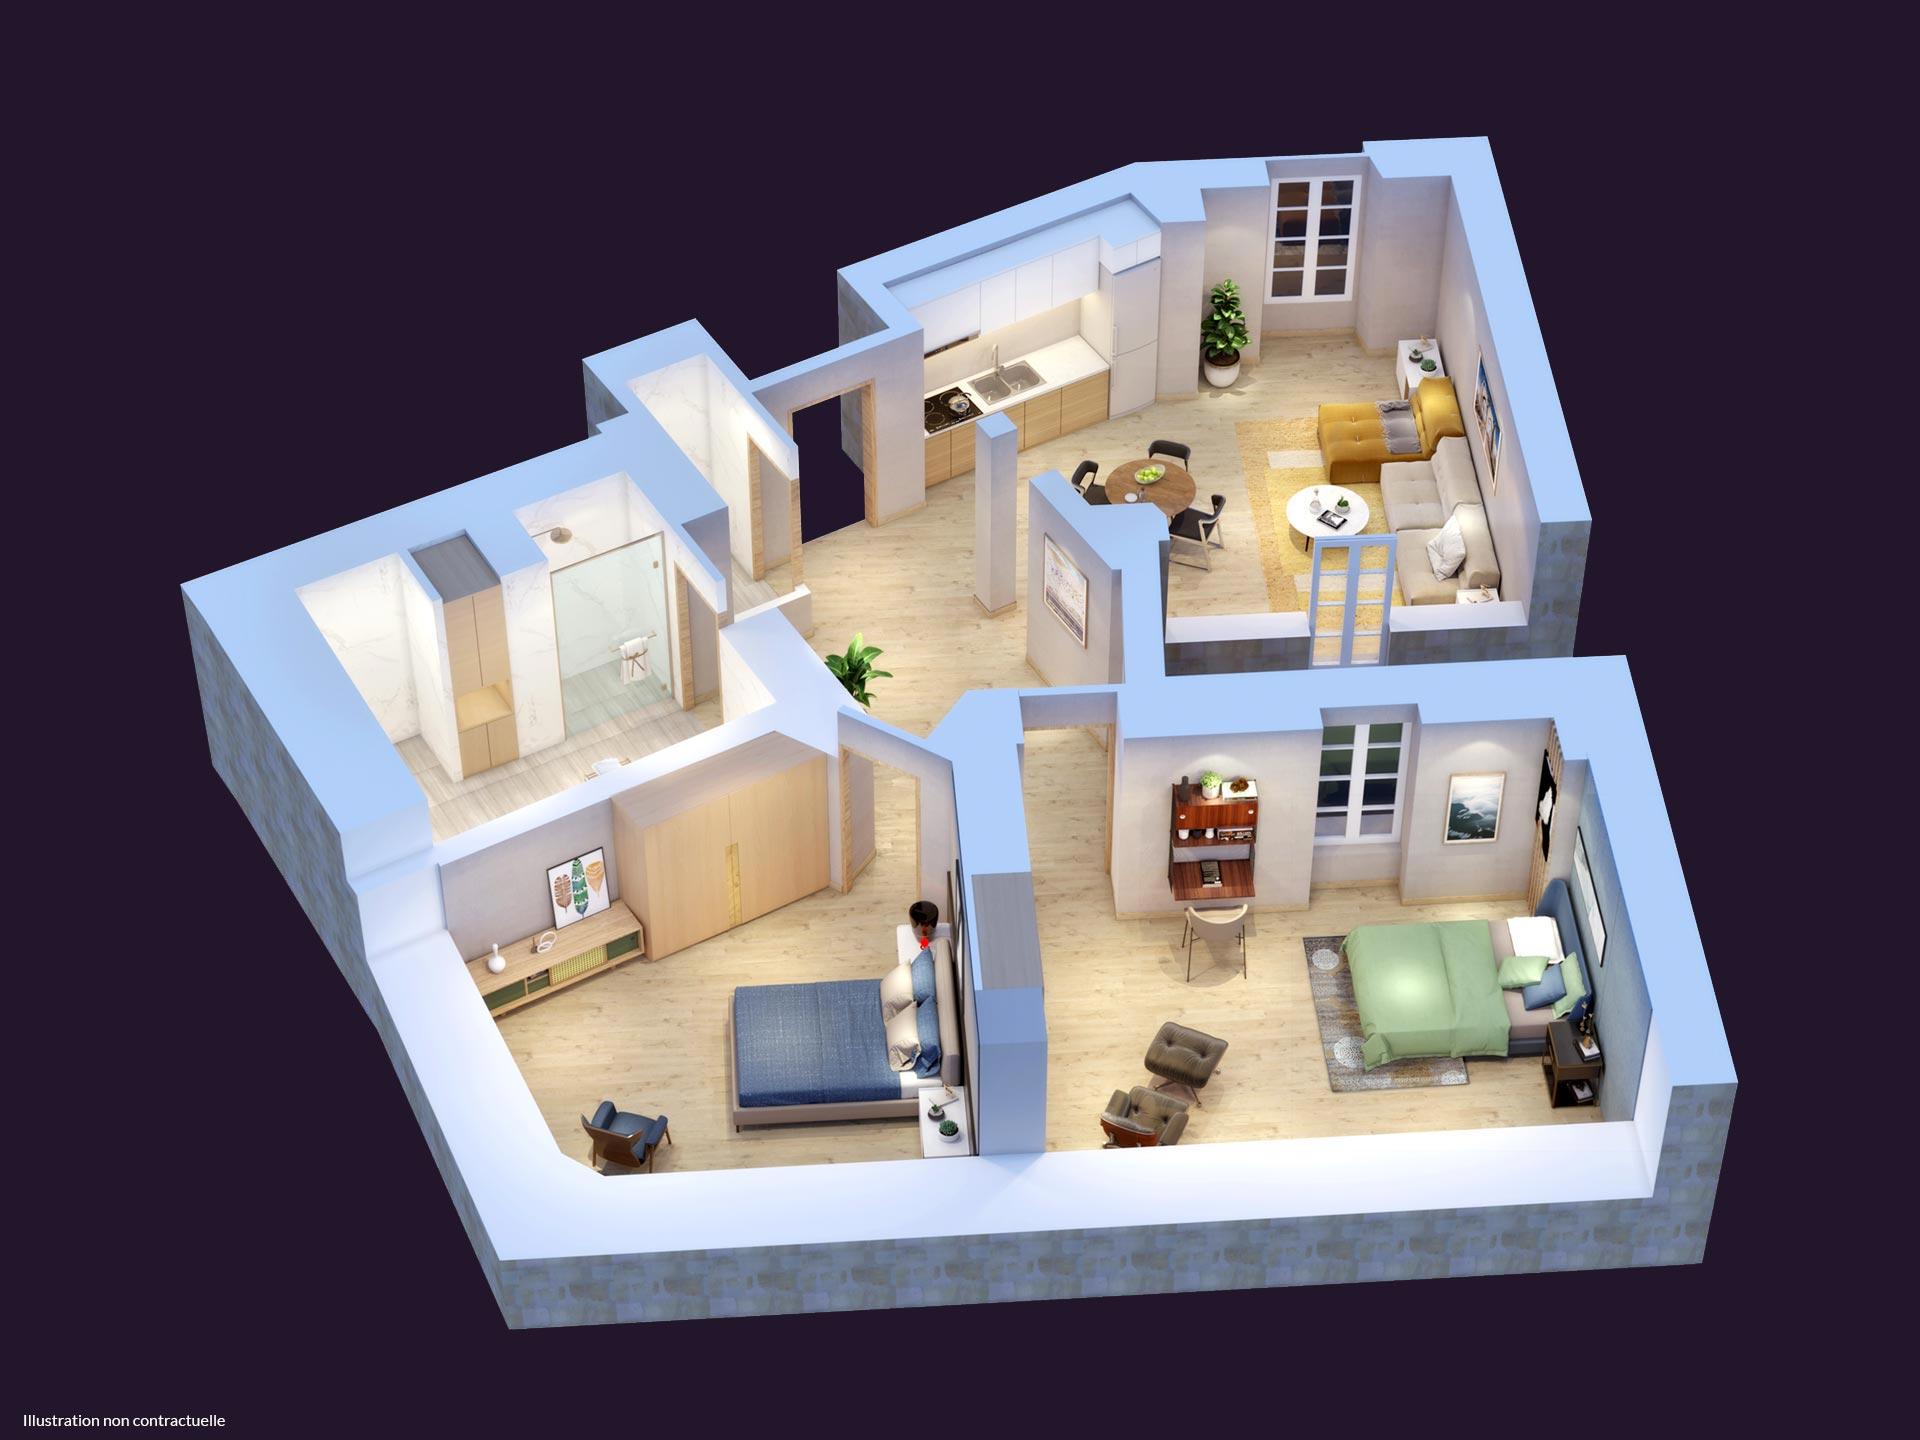 immobilier Type 3 à Nantes